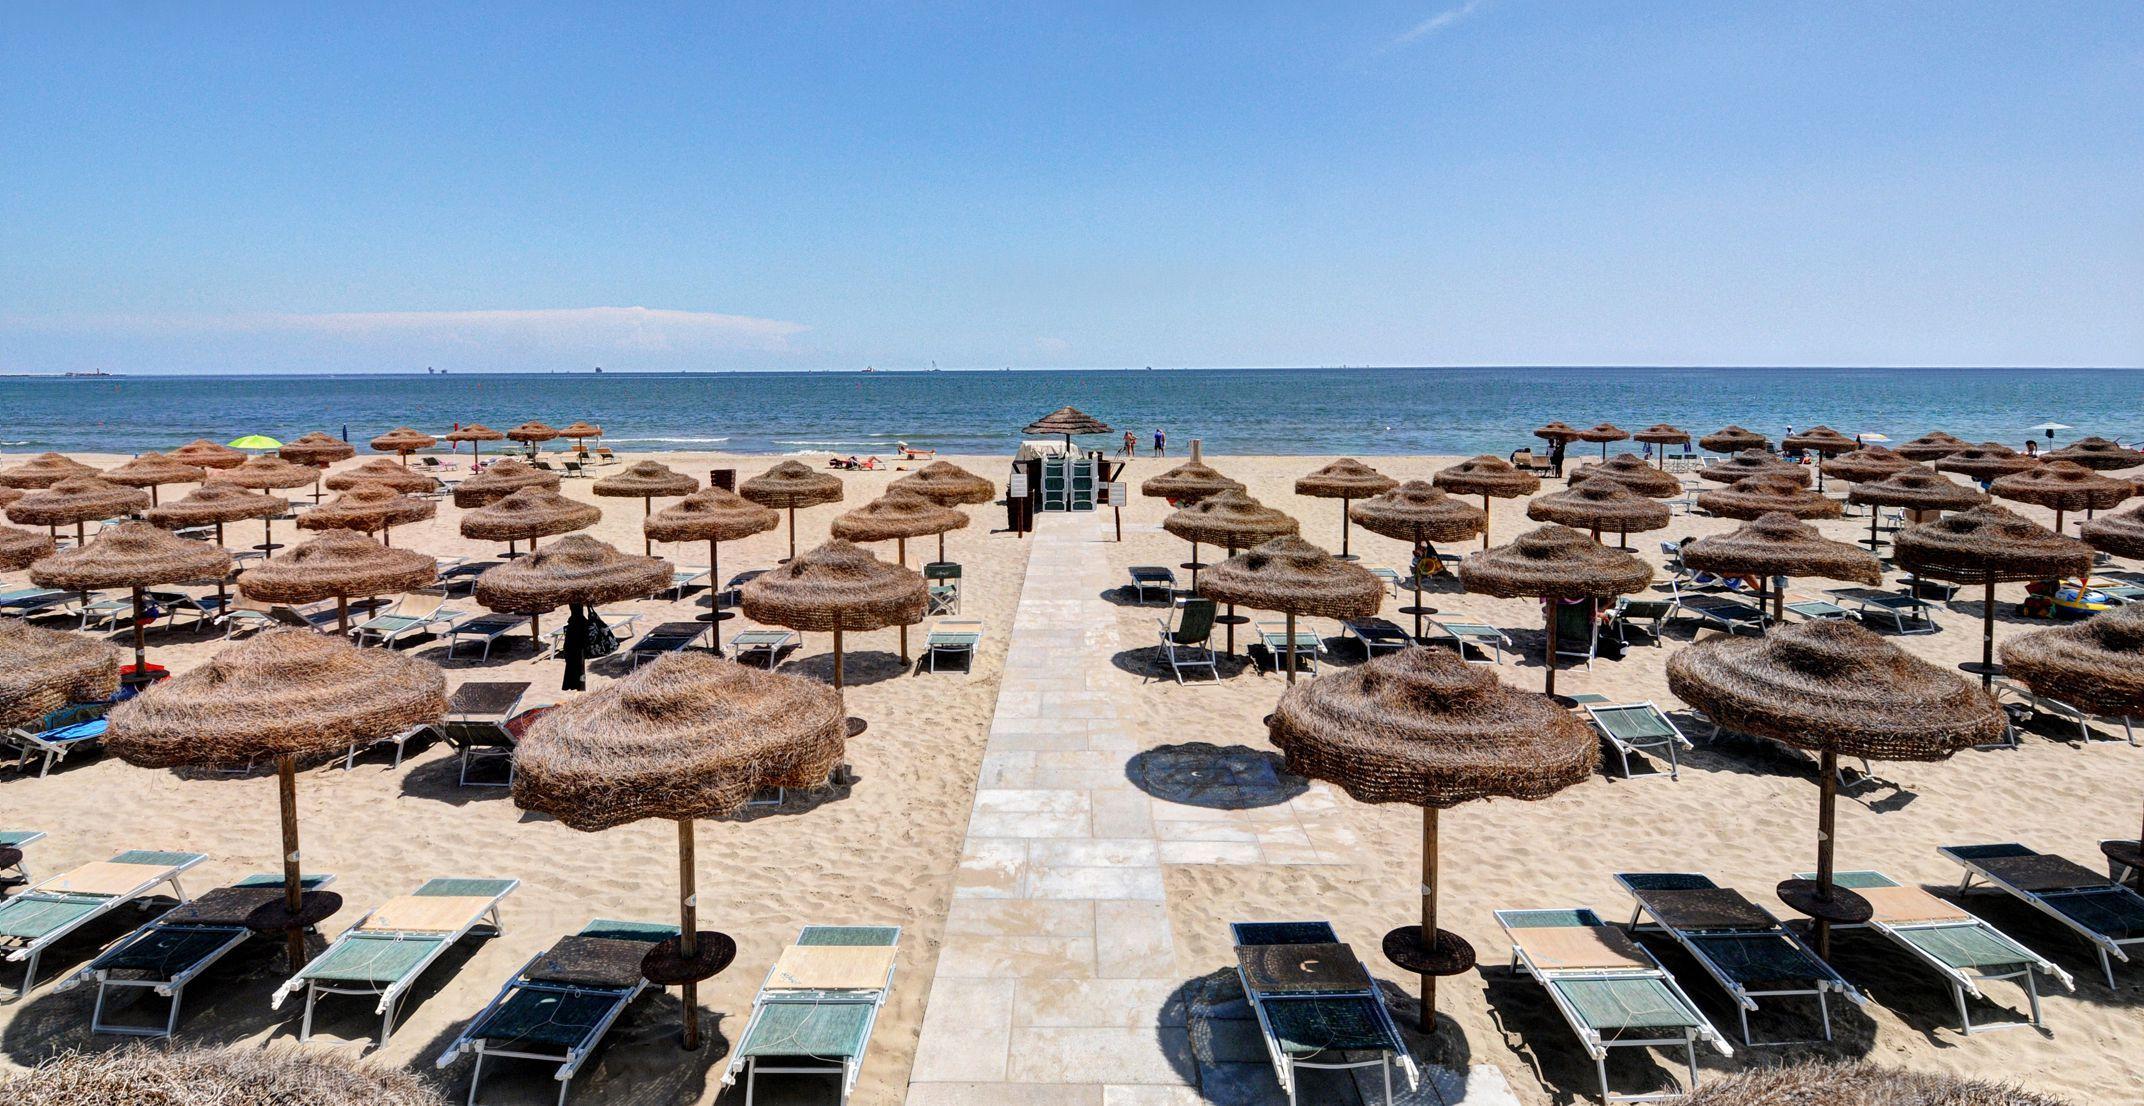 Matrimonio Spiaggia Marina Di Ravenna : Campeggio rivaverde camping a marina di ravenna emilia